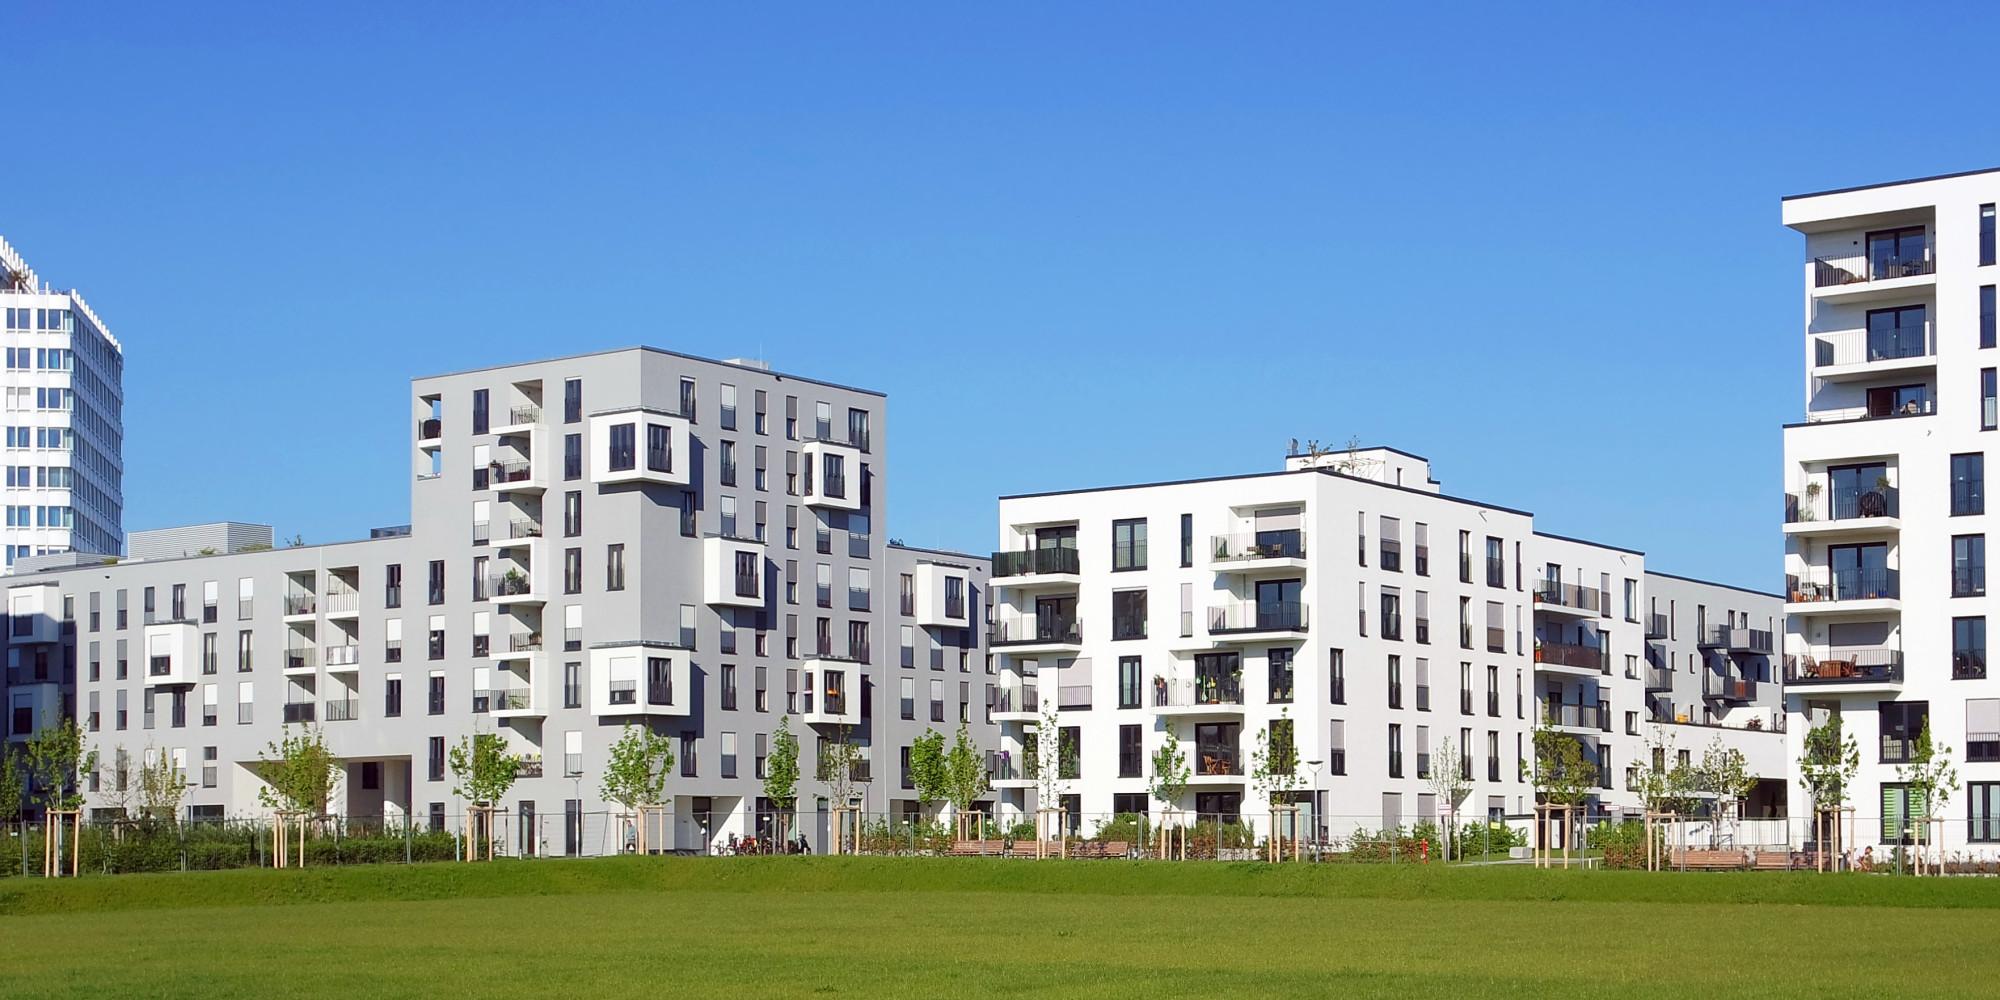 Warum mehr Wohnungen nicht gegen die hohen Mietpreise helfen